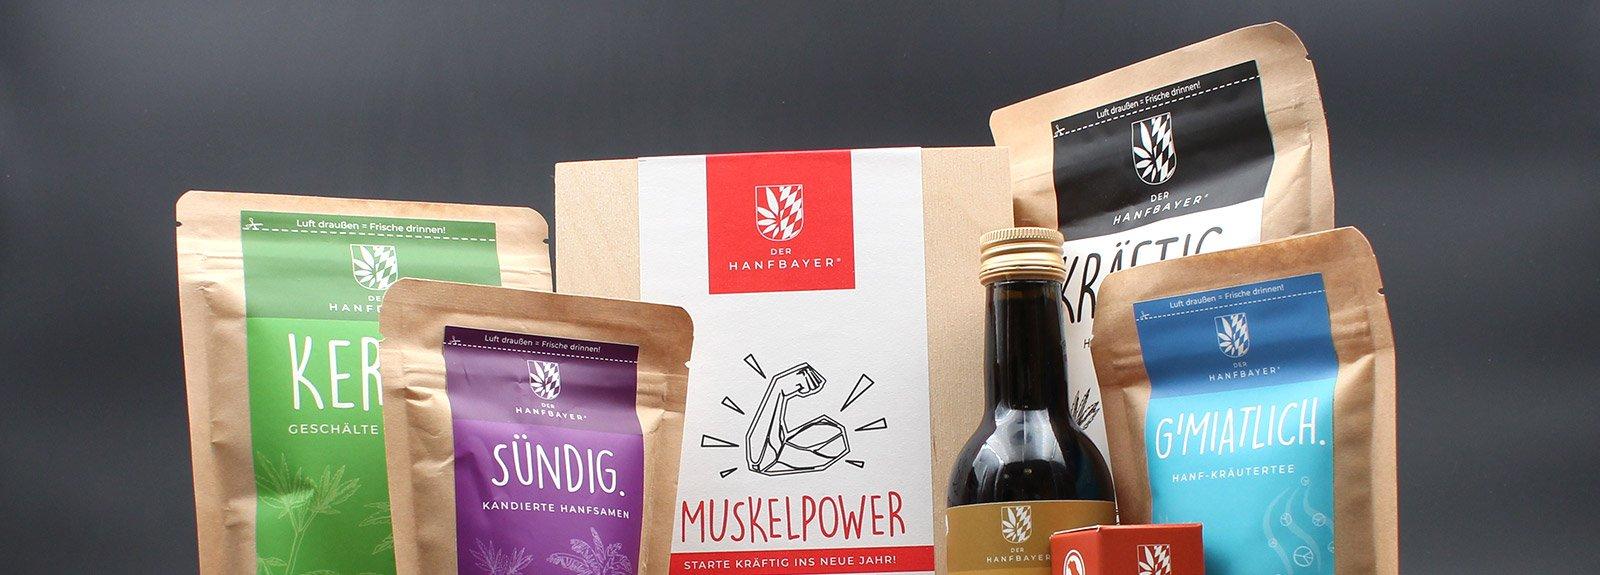 """cibodu – 10% auf Produkte von """"Der Hanfbayer"""""""